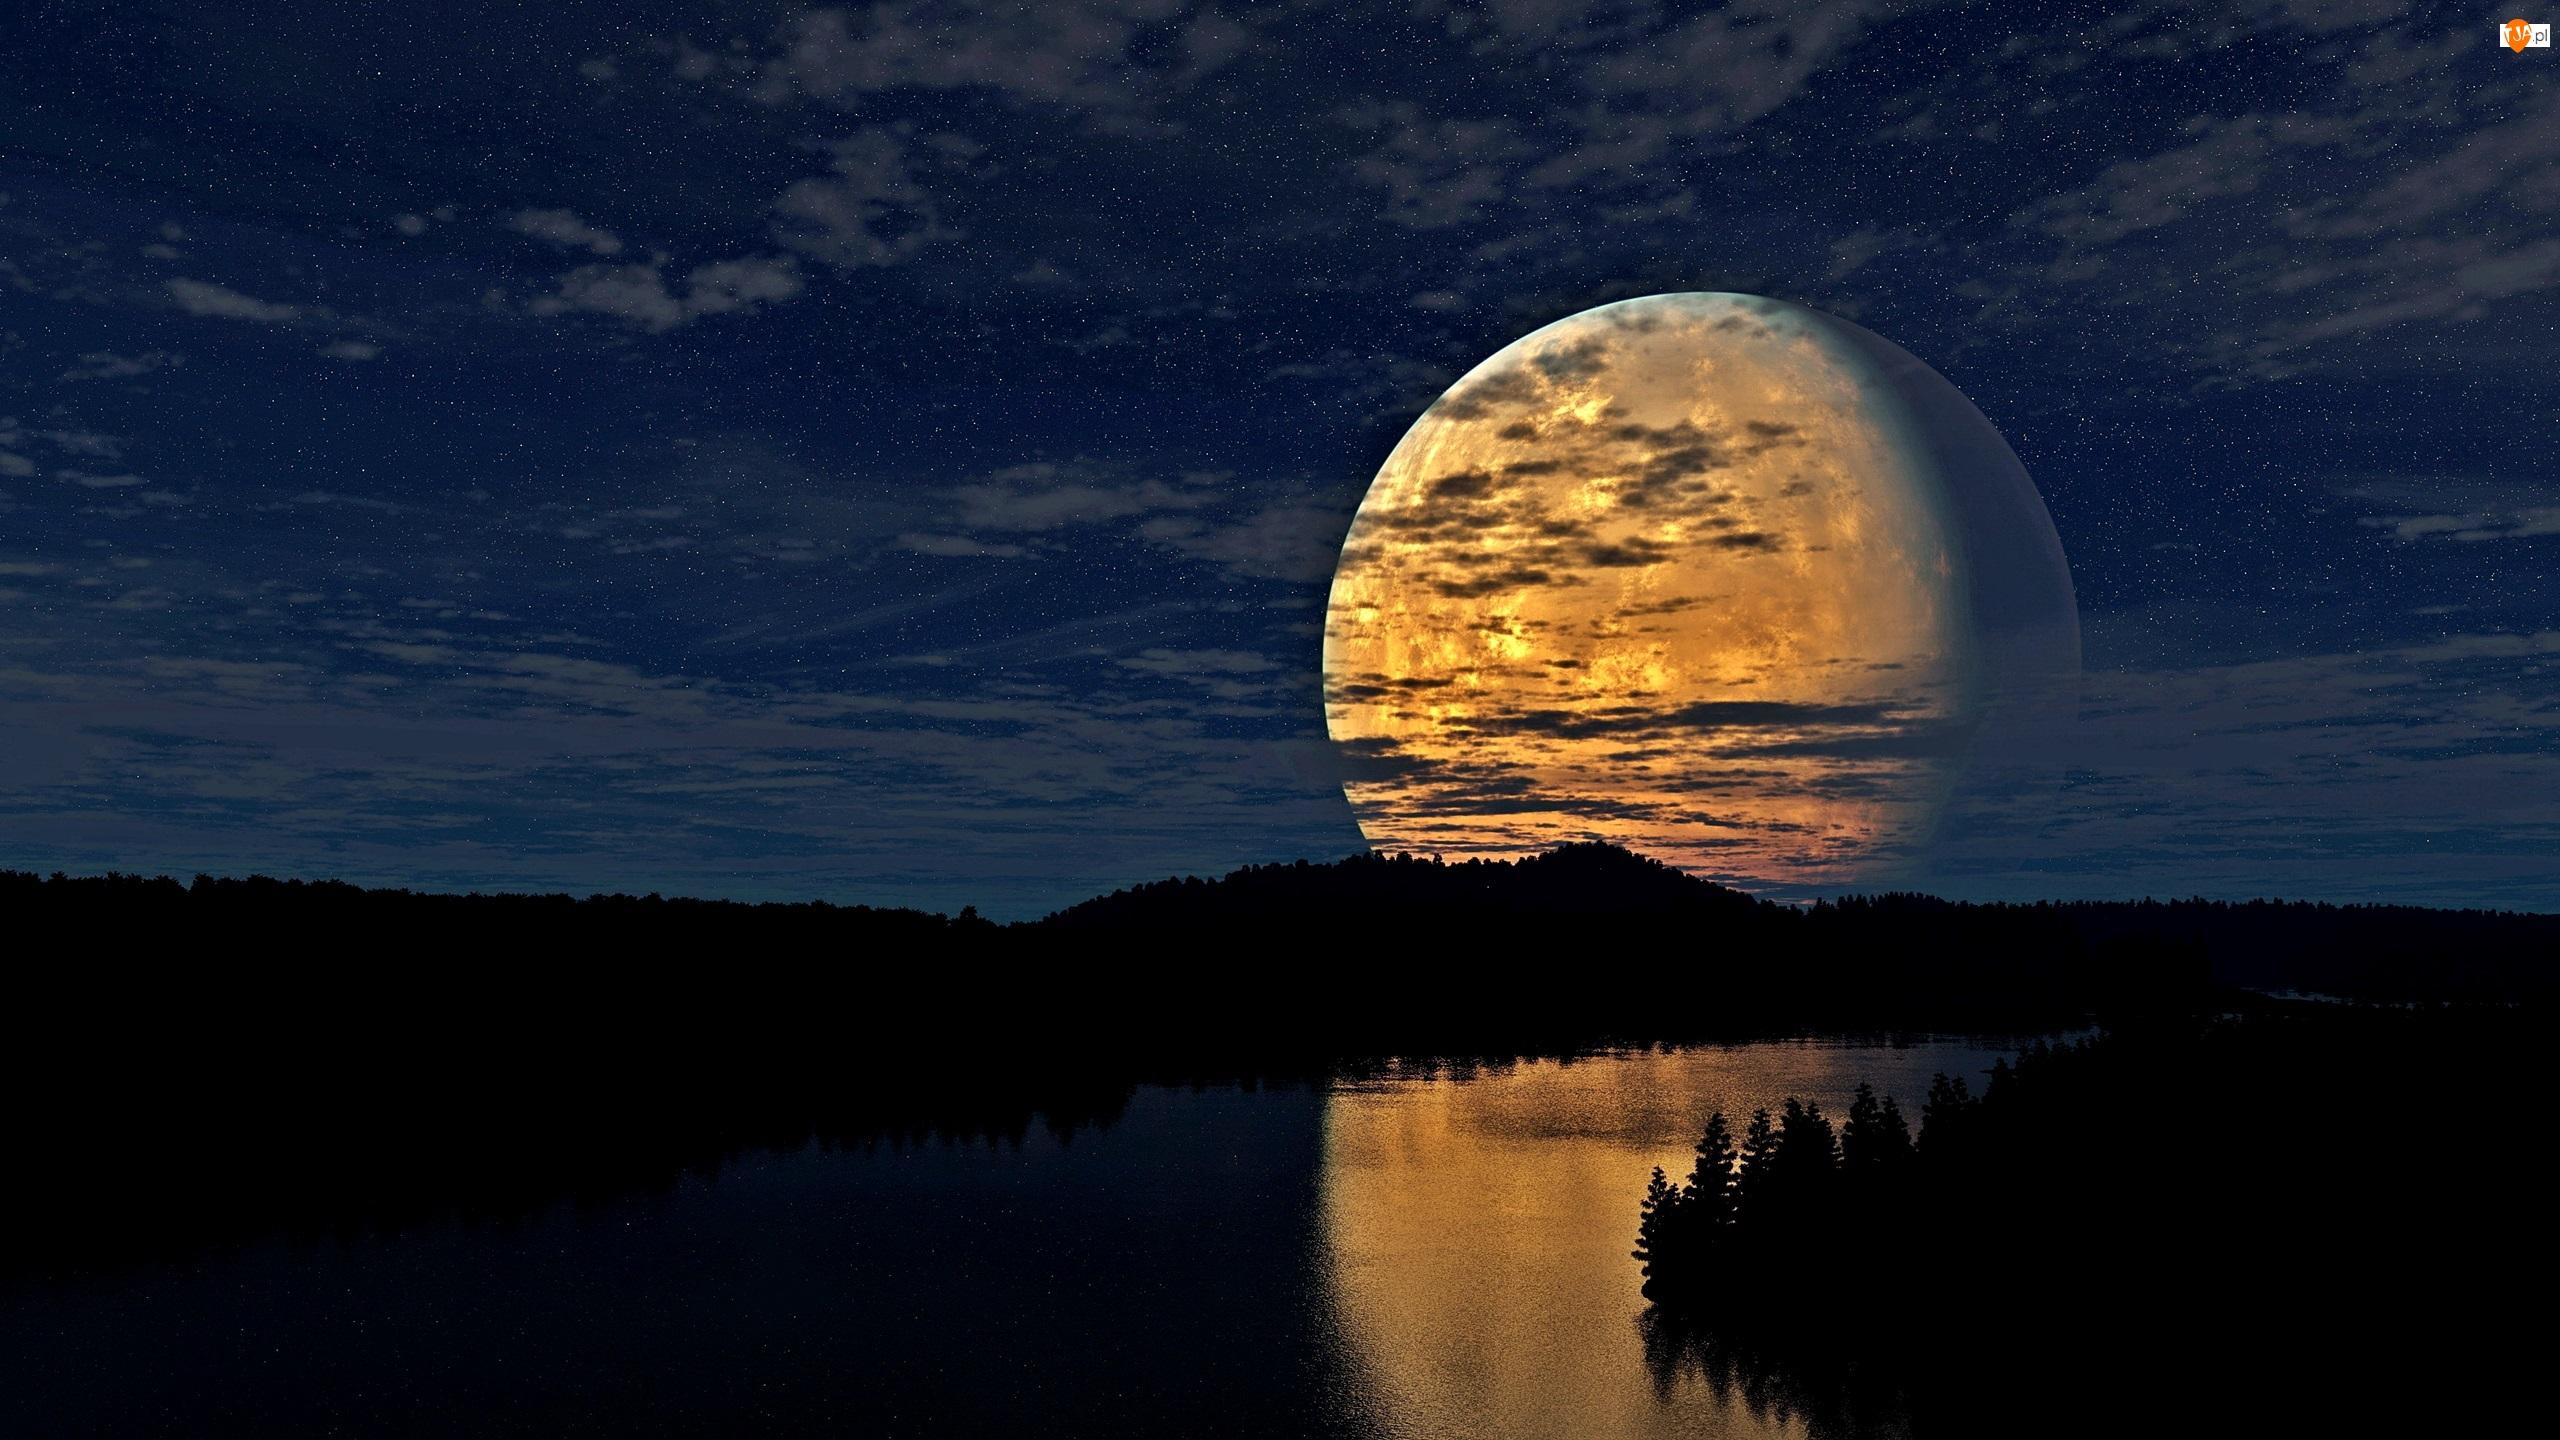 Księżyc, Rzeka, Noc, Las, Gwiazdy